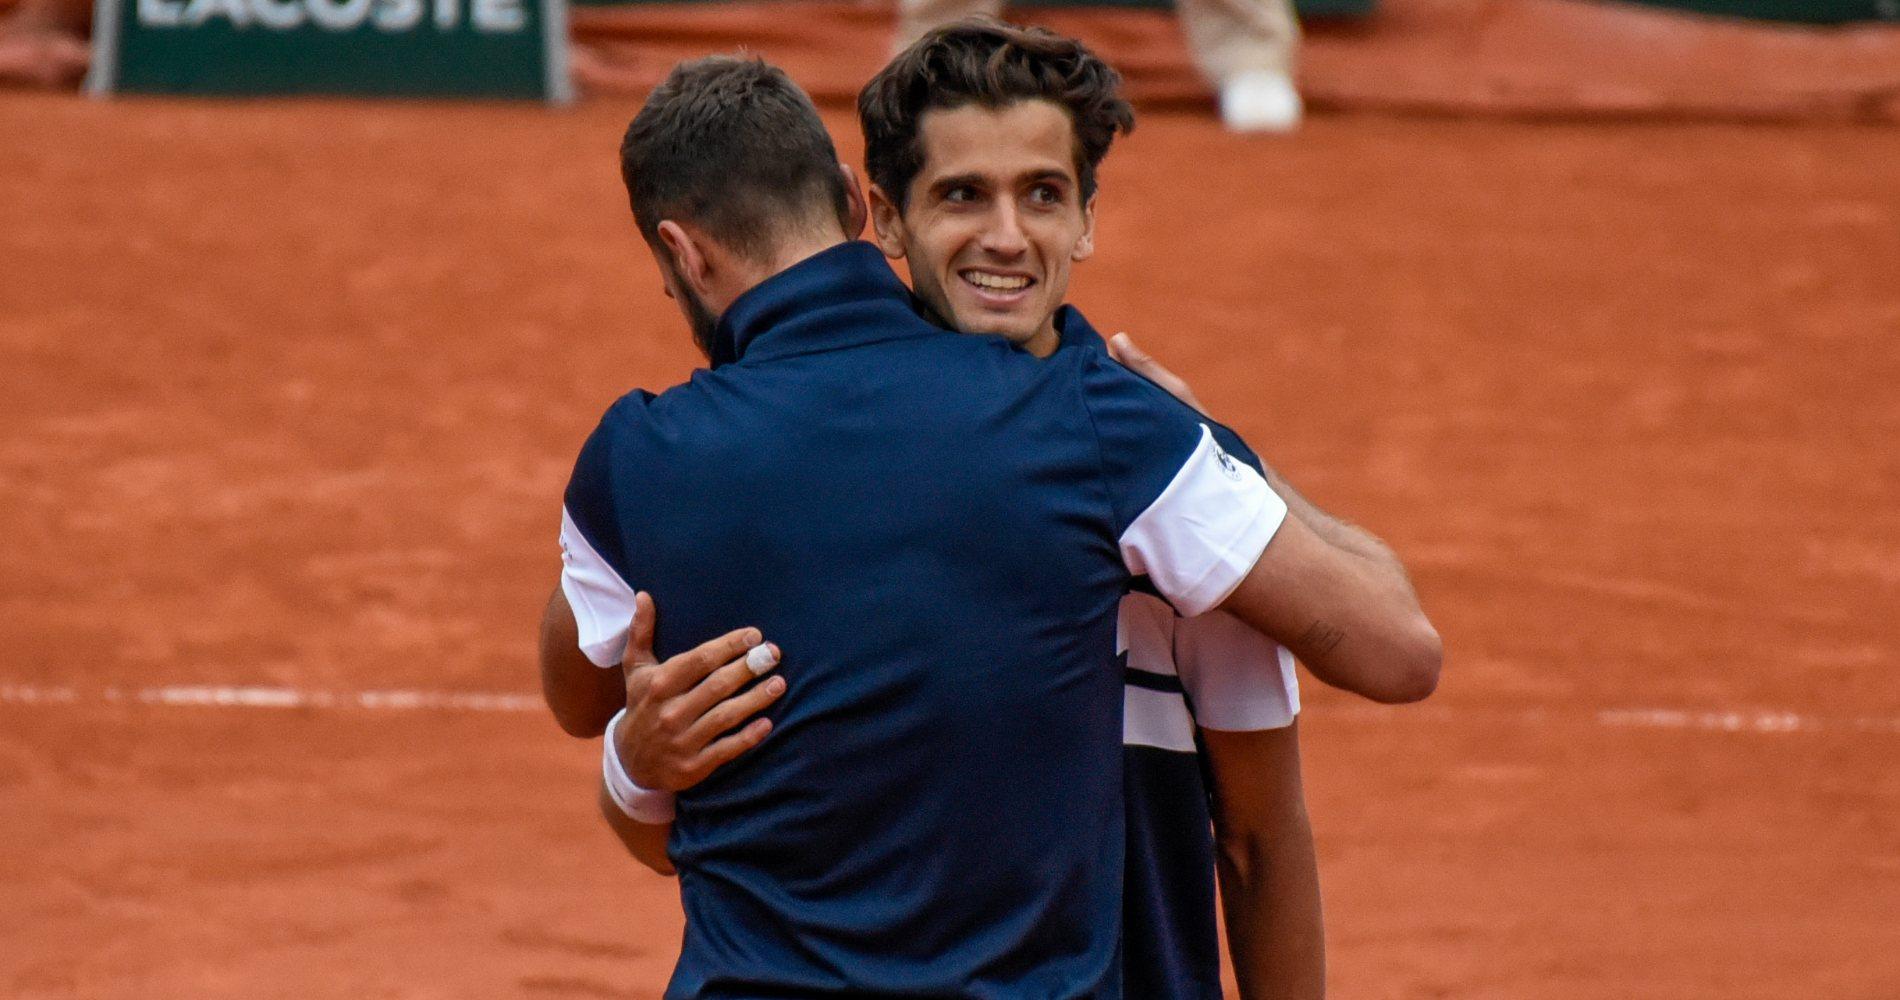 Benoît Paire & Pierre-Hugues Herbert, Roland-Garros, 2019